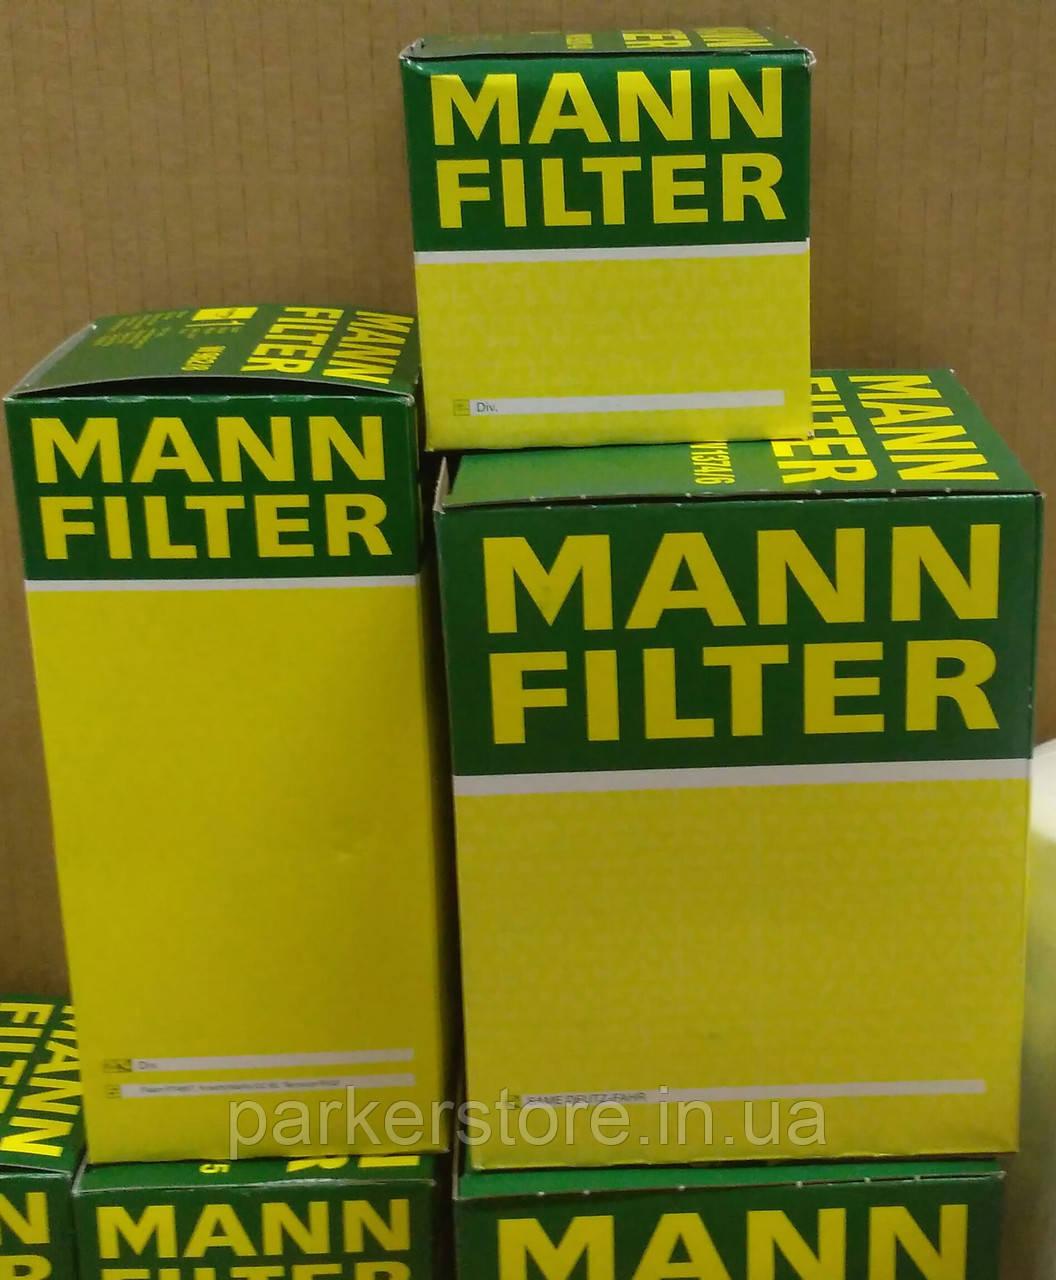 MANN FILTER / Воздушный фильтр / C 25 110-2 / C25110-2